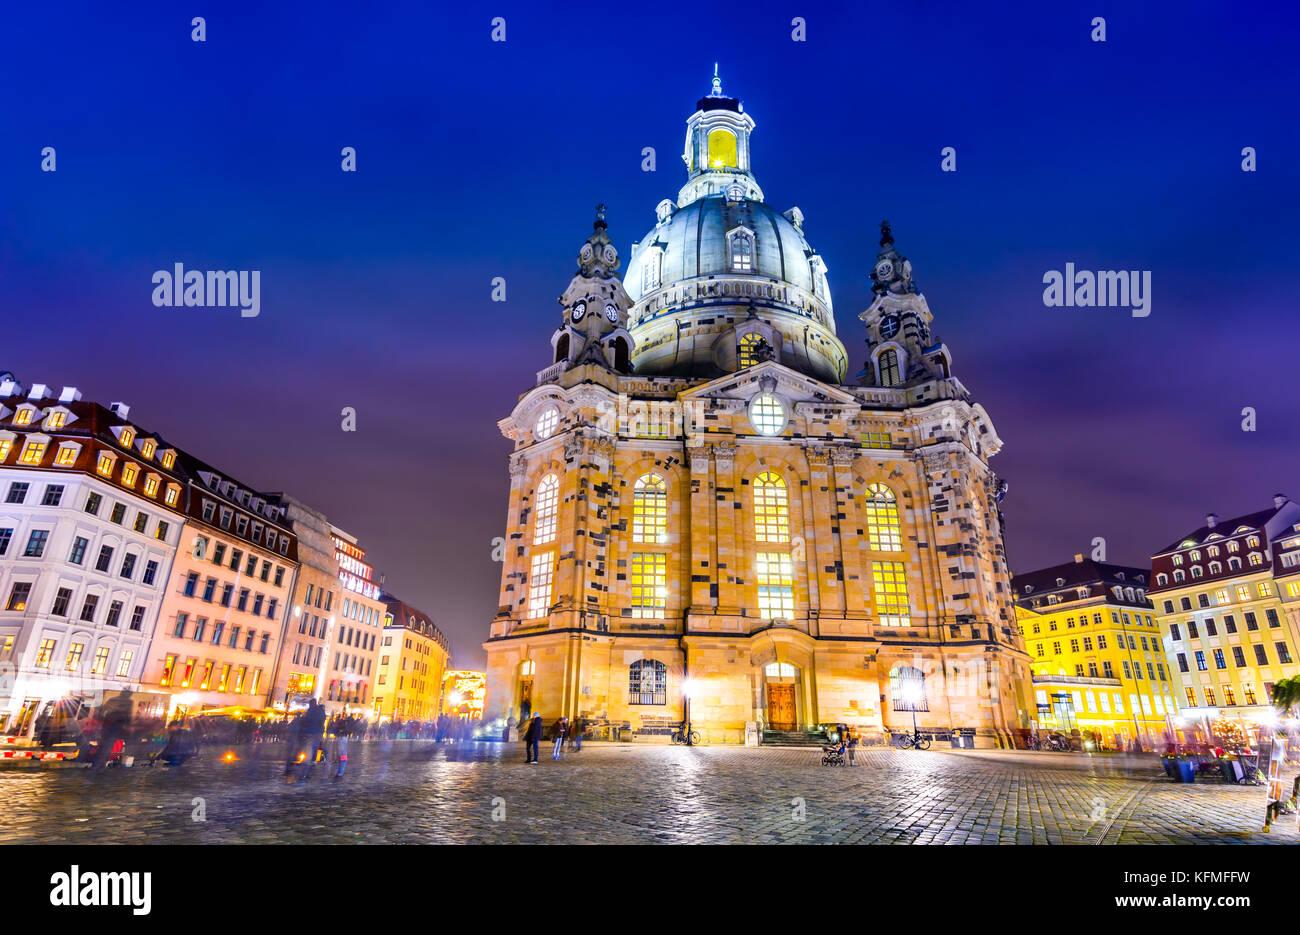 Dresde, Allemagne. Frauenkirche, ville de Dresde, centre historique et culturel de l'Etat libre de Saxe en Europe. Photo Stock